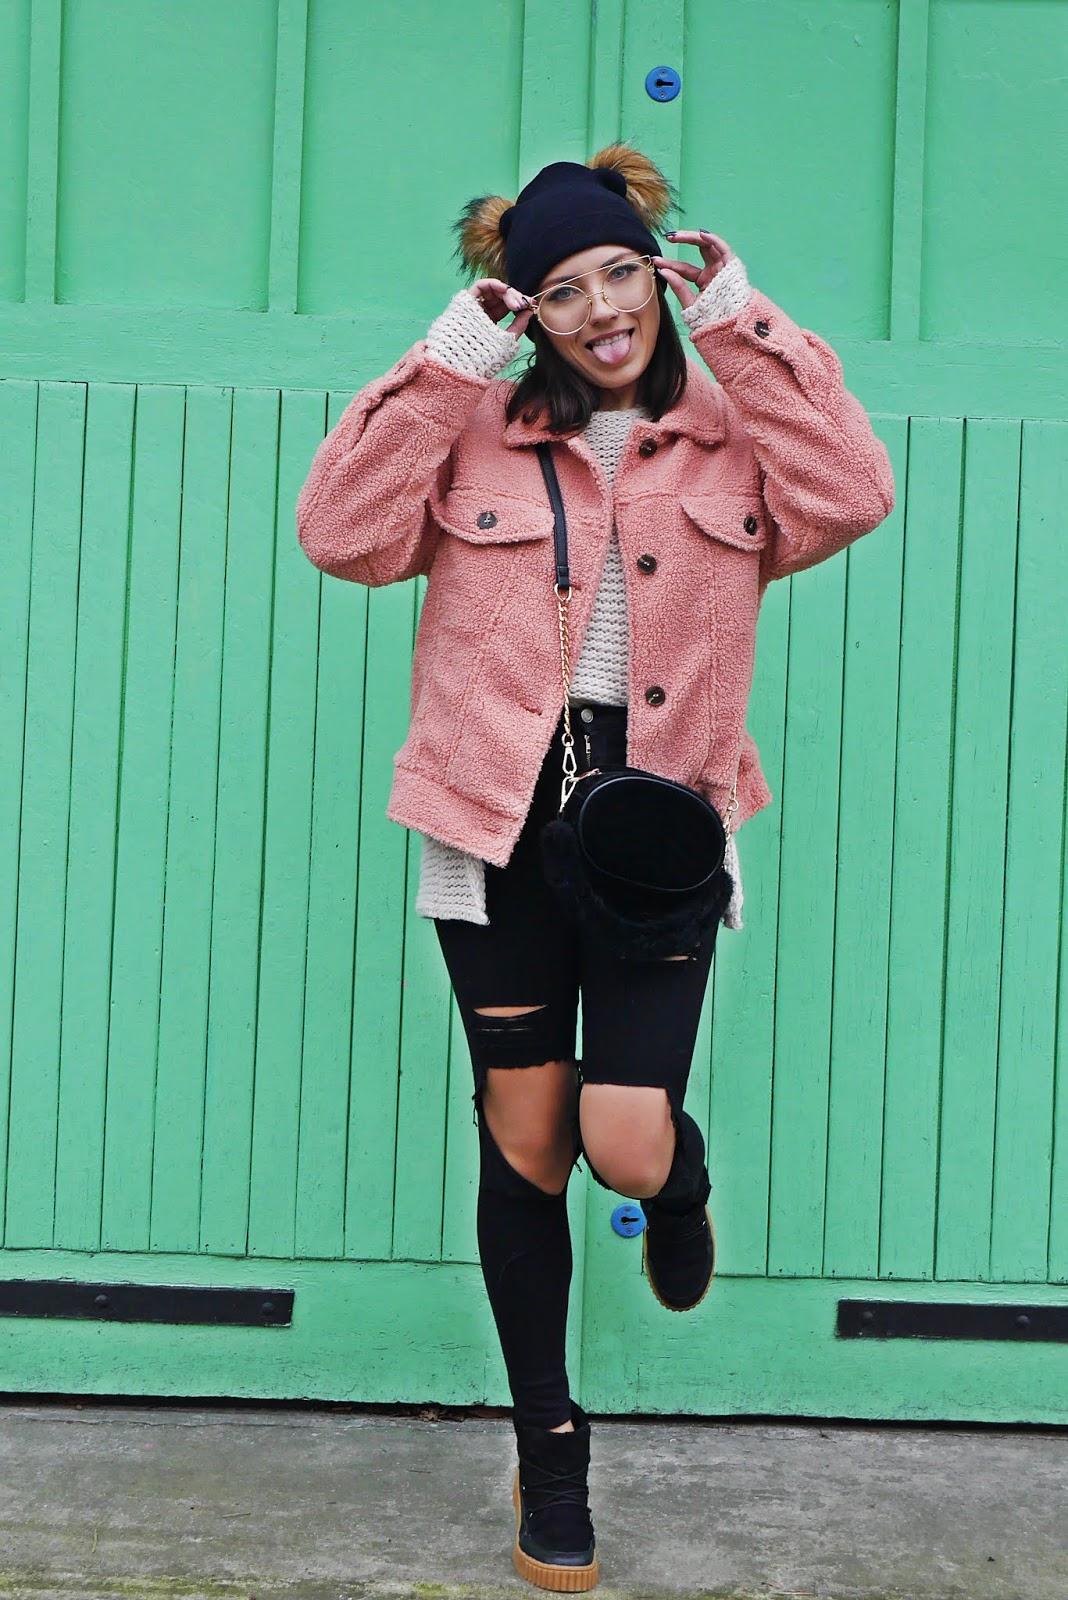 różowa kurtka baranek bonprix czarne podarte spodnie torebk renee beżowy sweter czapka z pomponami stylizacja na zimę zimowy look karyn blog modowy blogerka modowa puławy